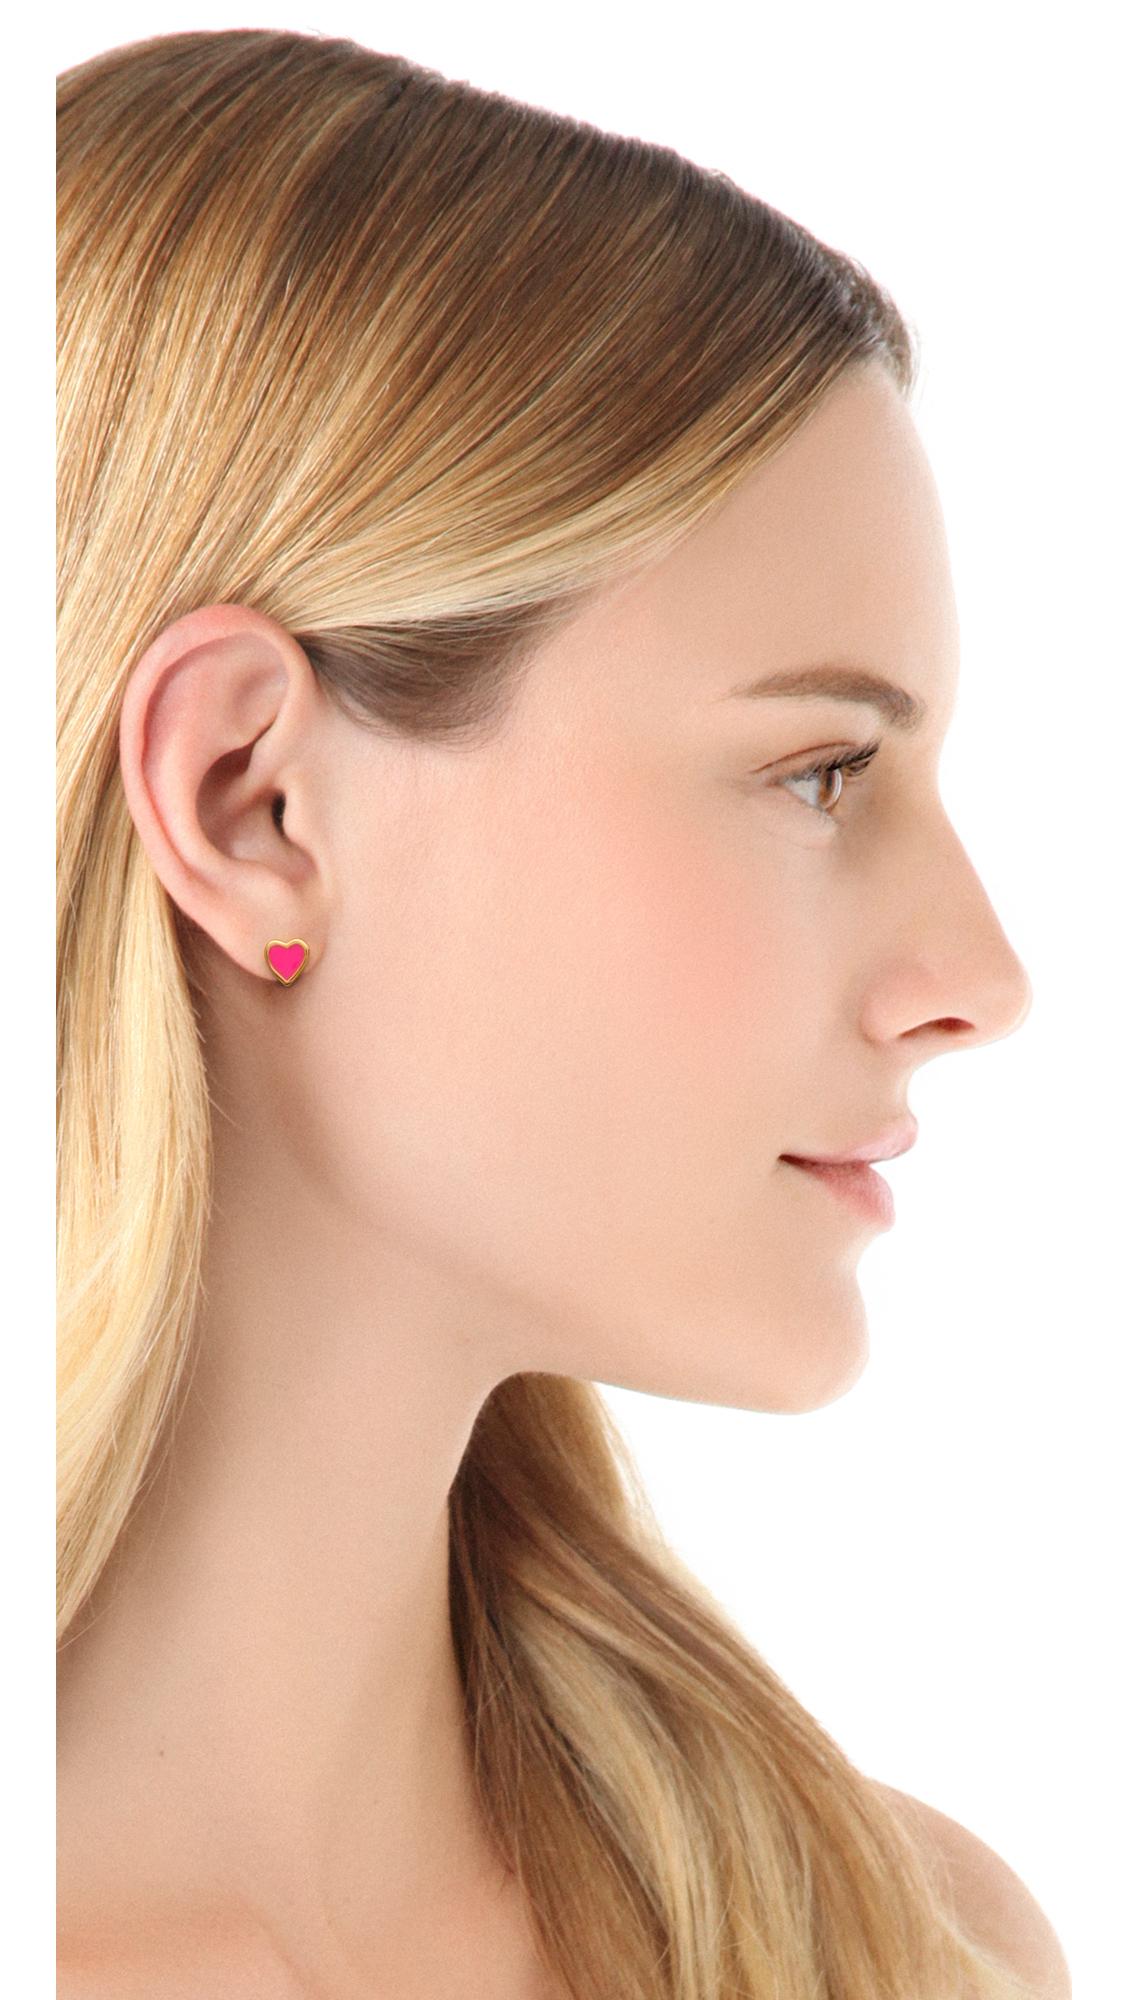 Kate Spade New York Shine On Stud Earrings BqoBN0z